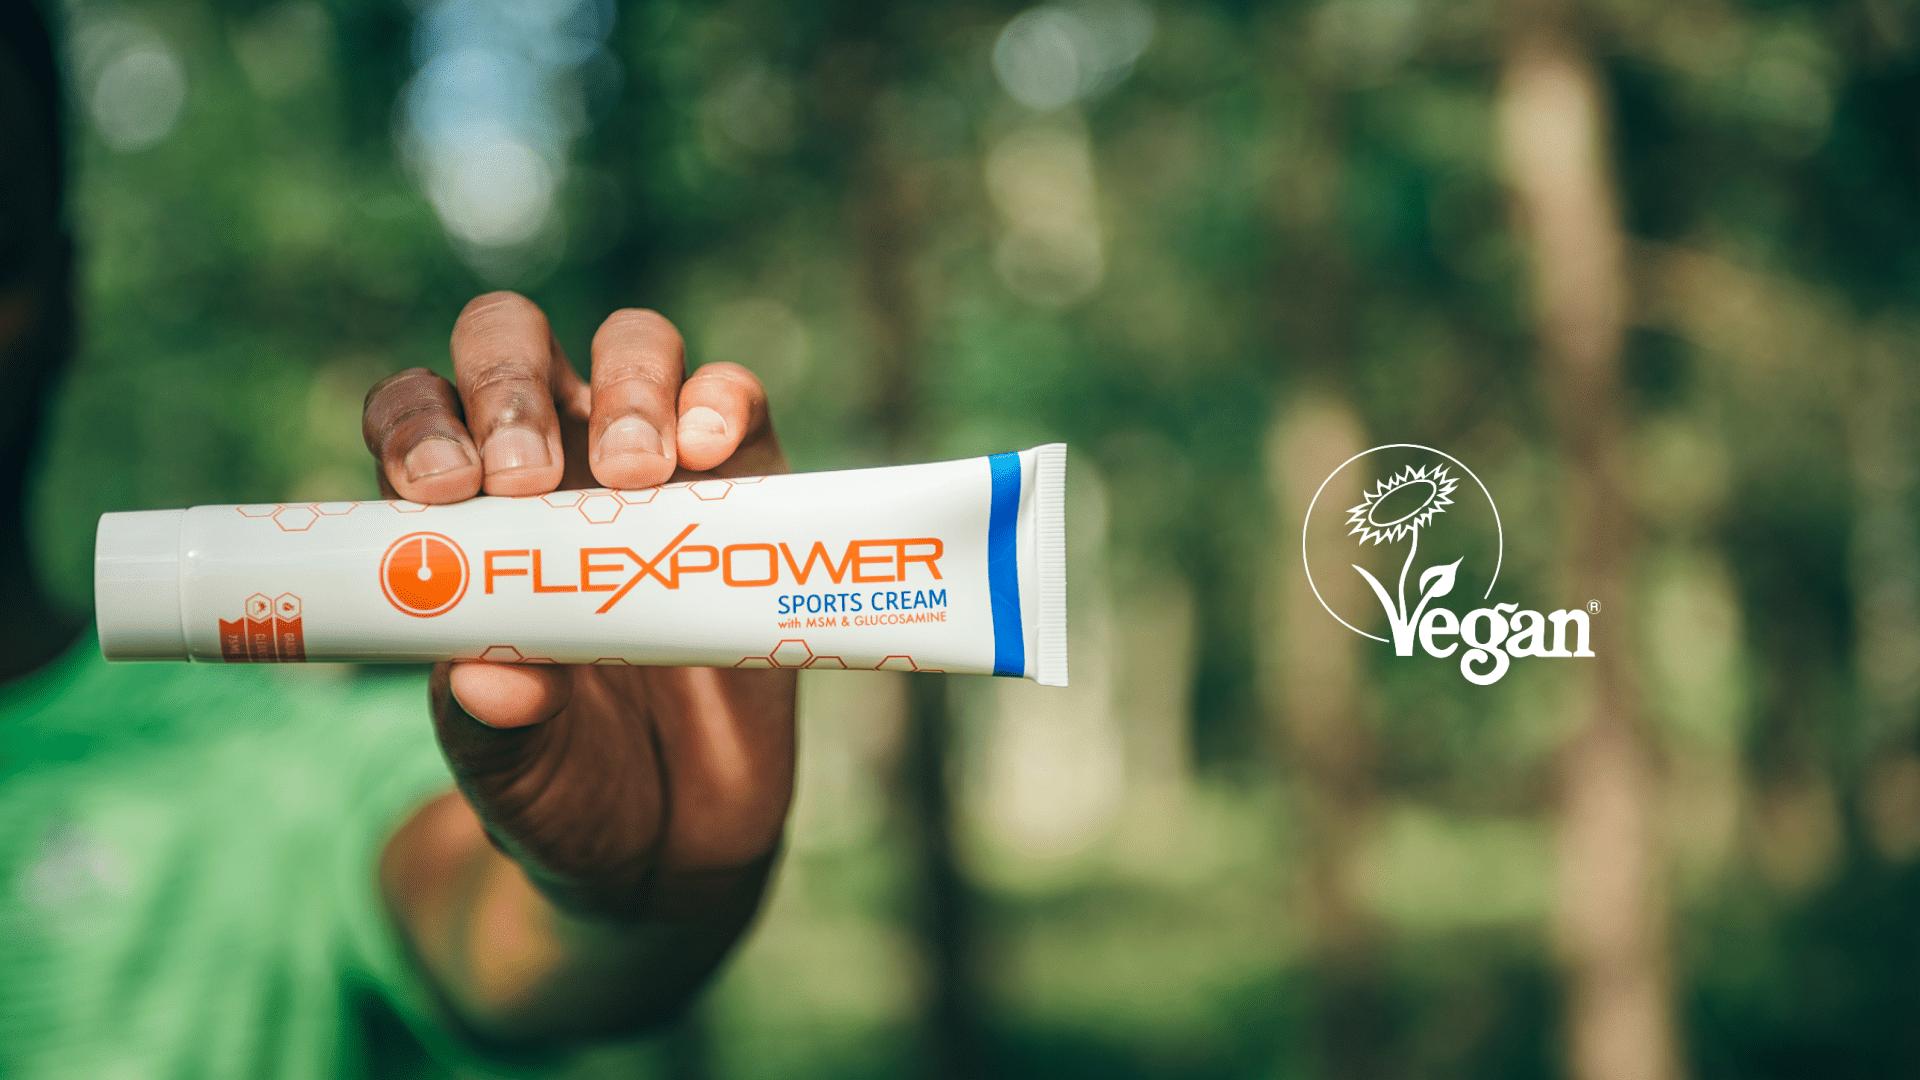 Flexpower is Vegan